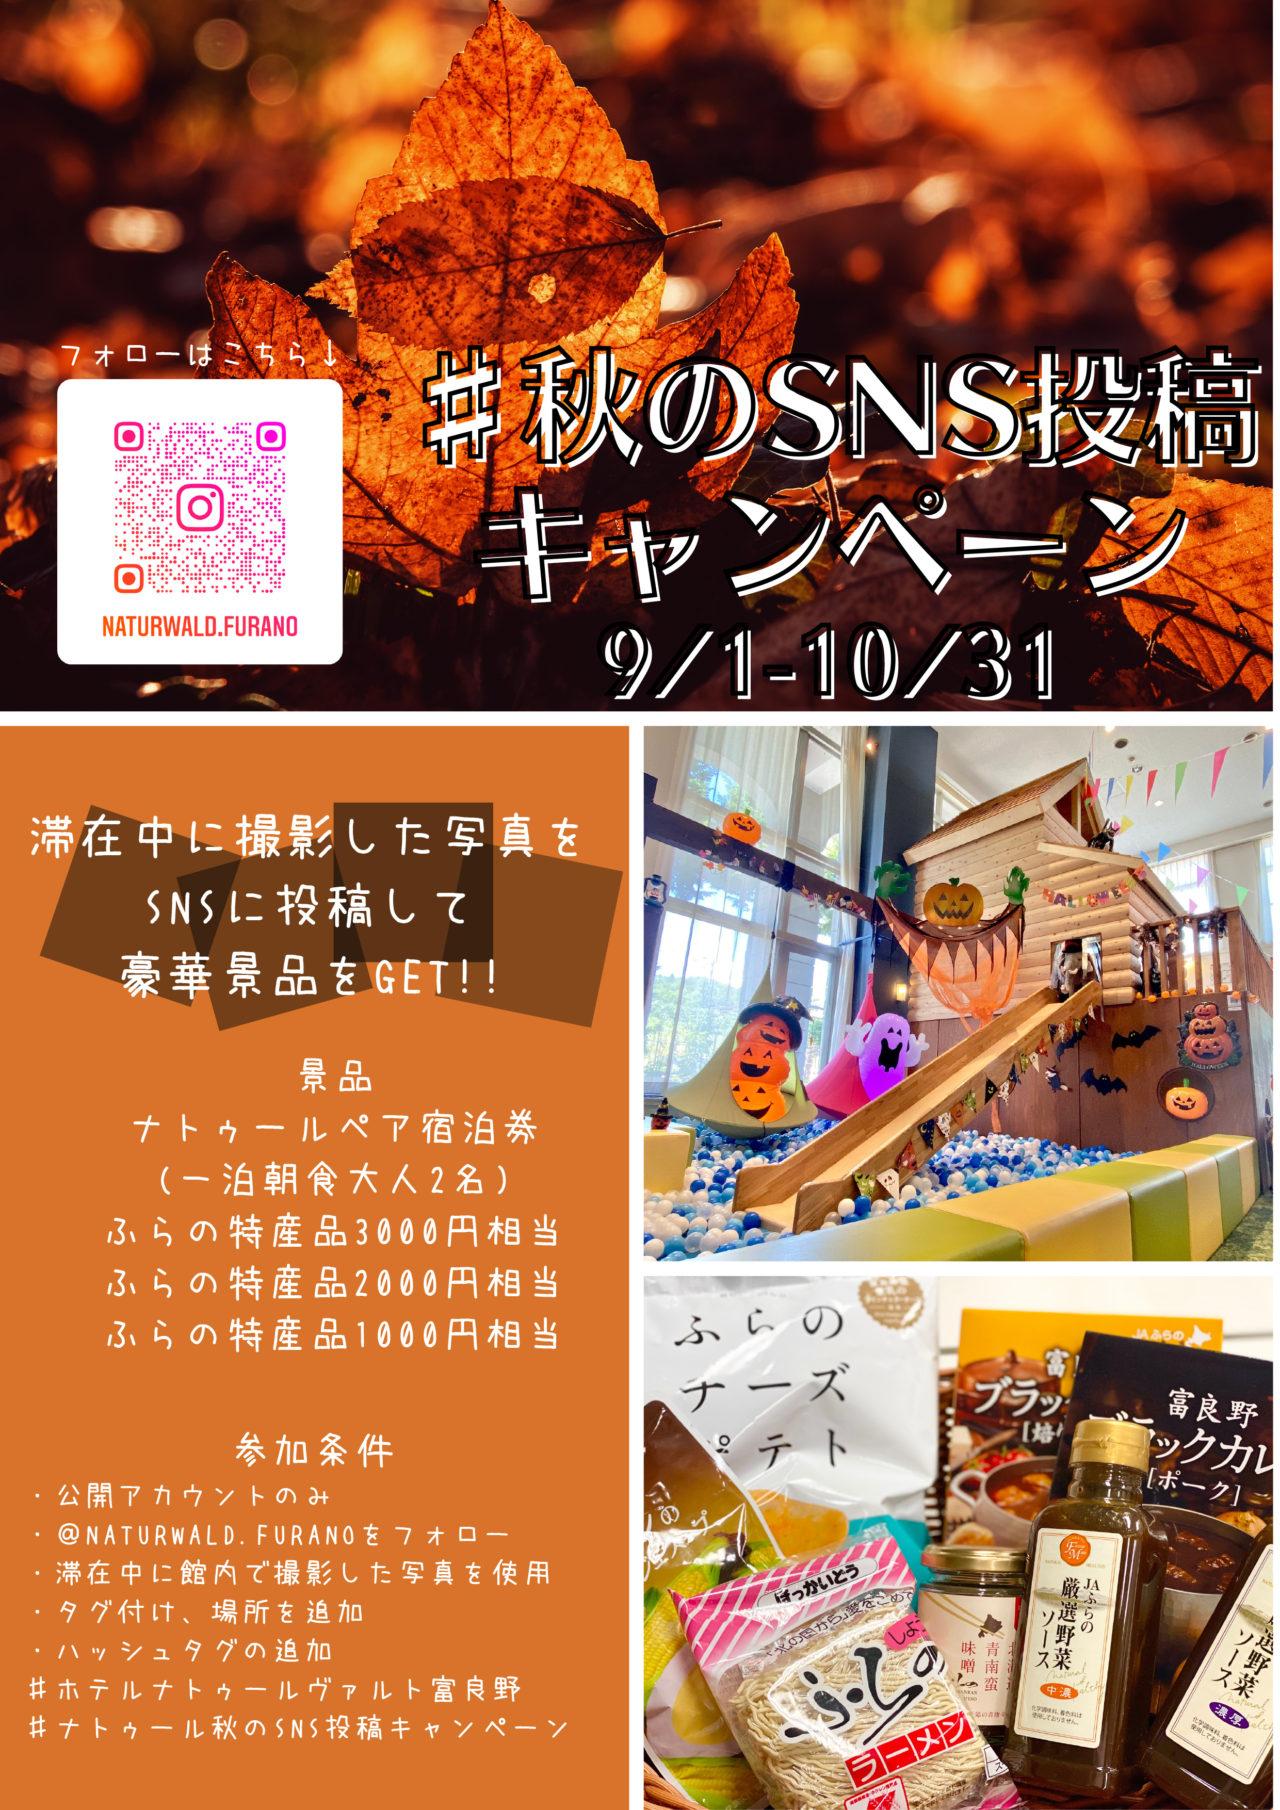 #秋のSNS投稿キャンペーン